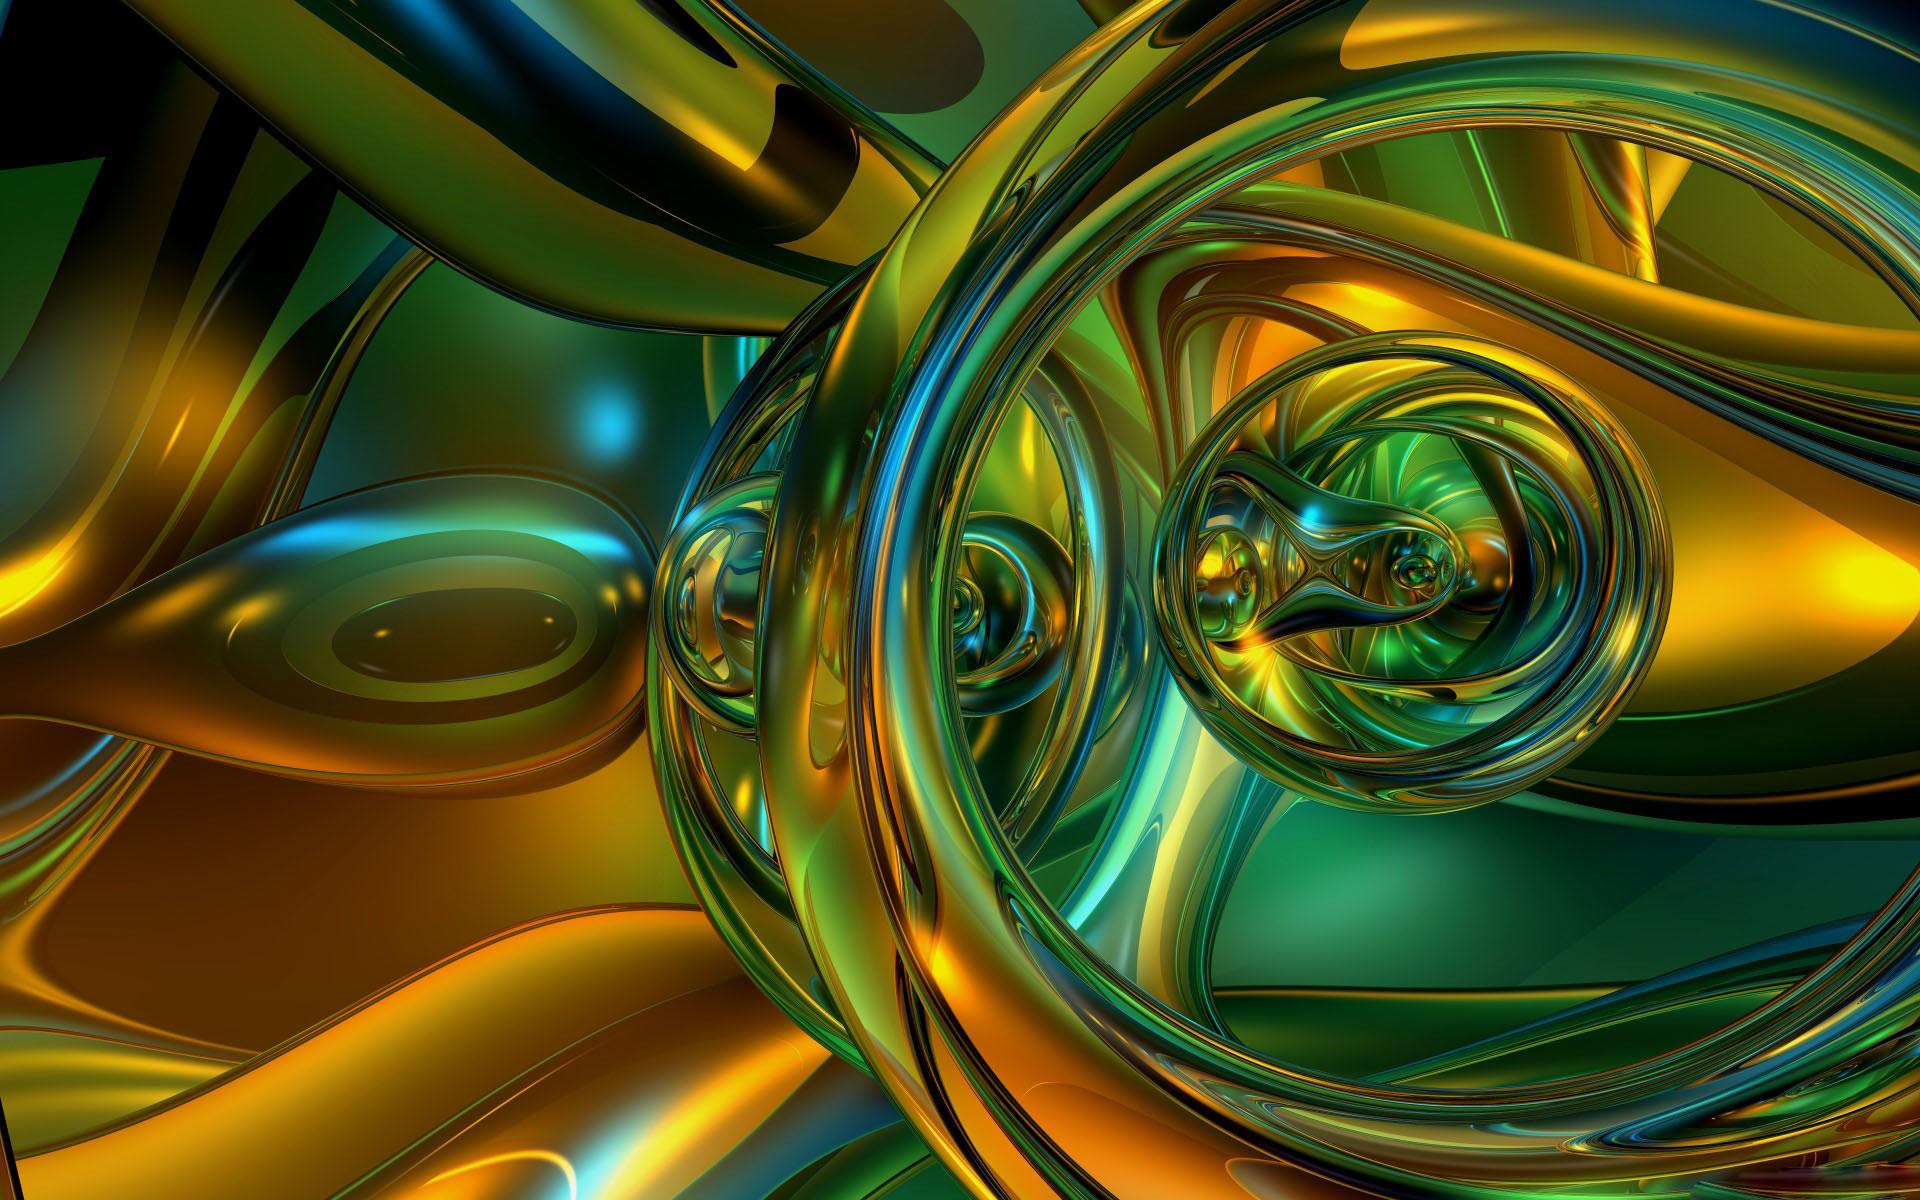 3d Amazing Art Wallpapers 3d Desktop Backgrounds 55 Images